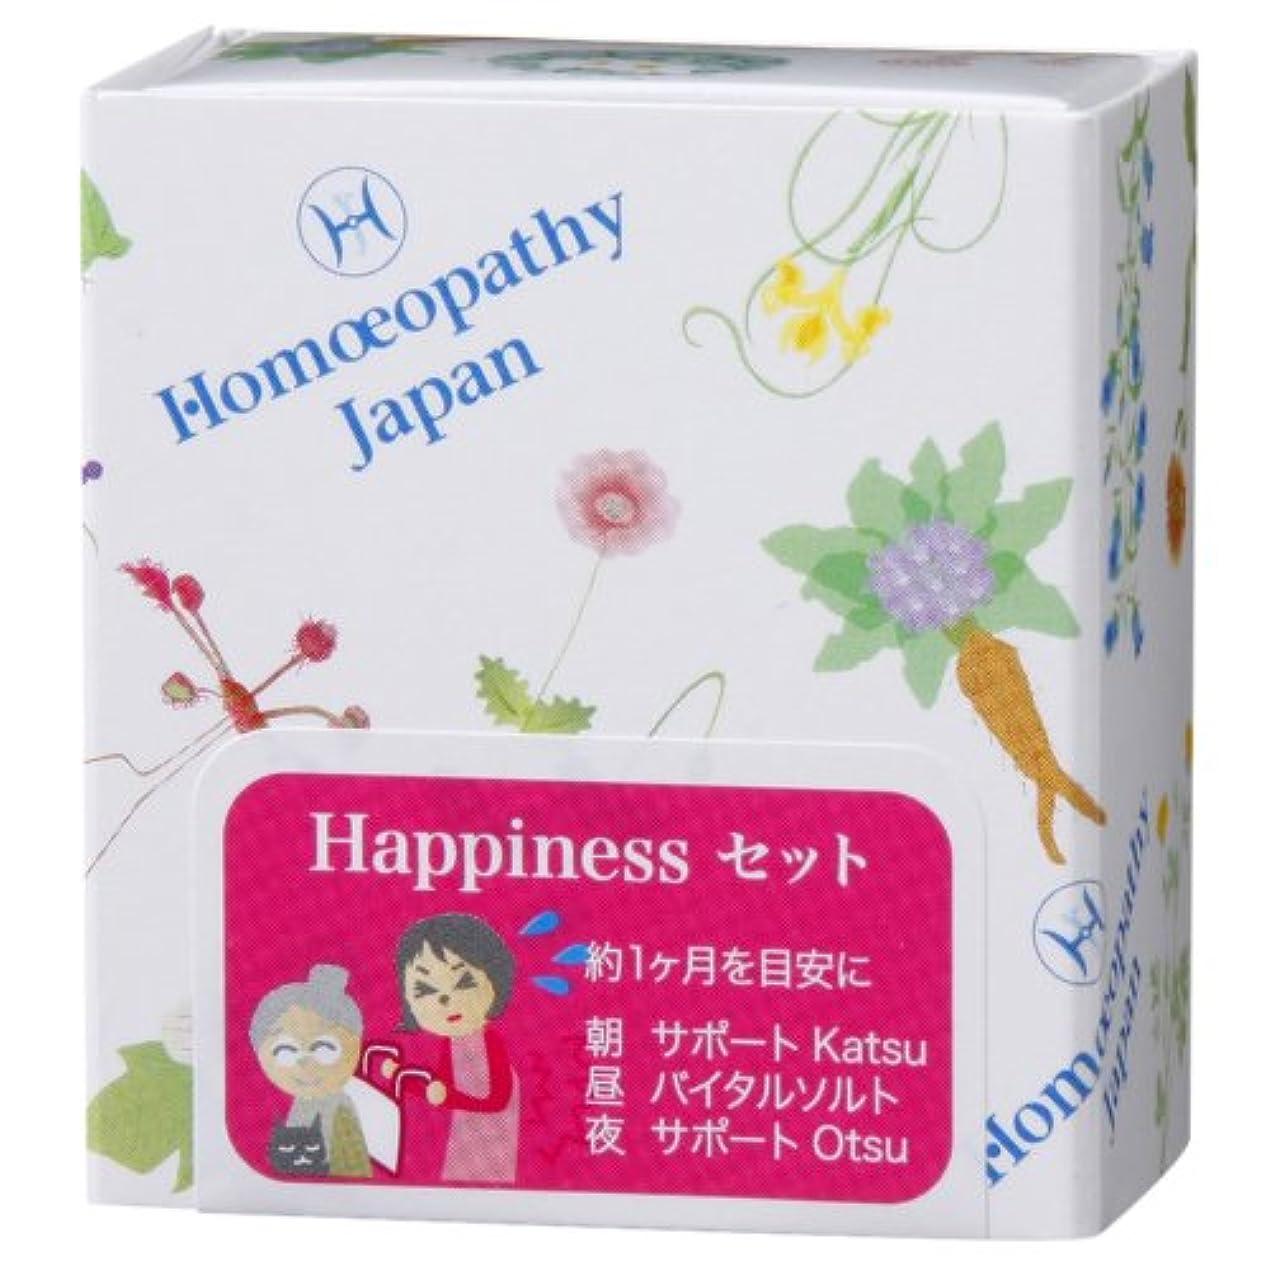 攻撃奇跡的な農業ホメオパシージャパンレメディー Happinessセット